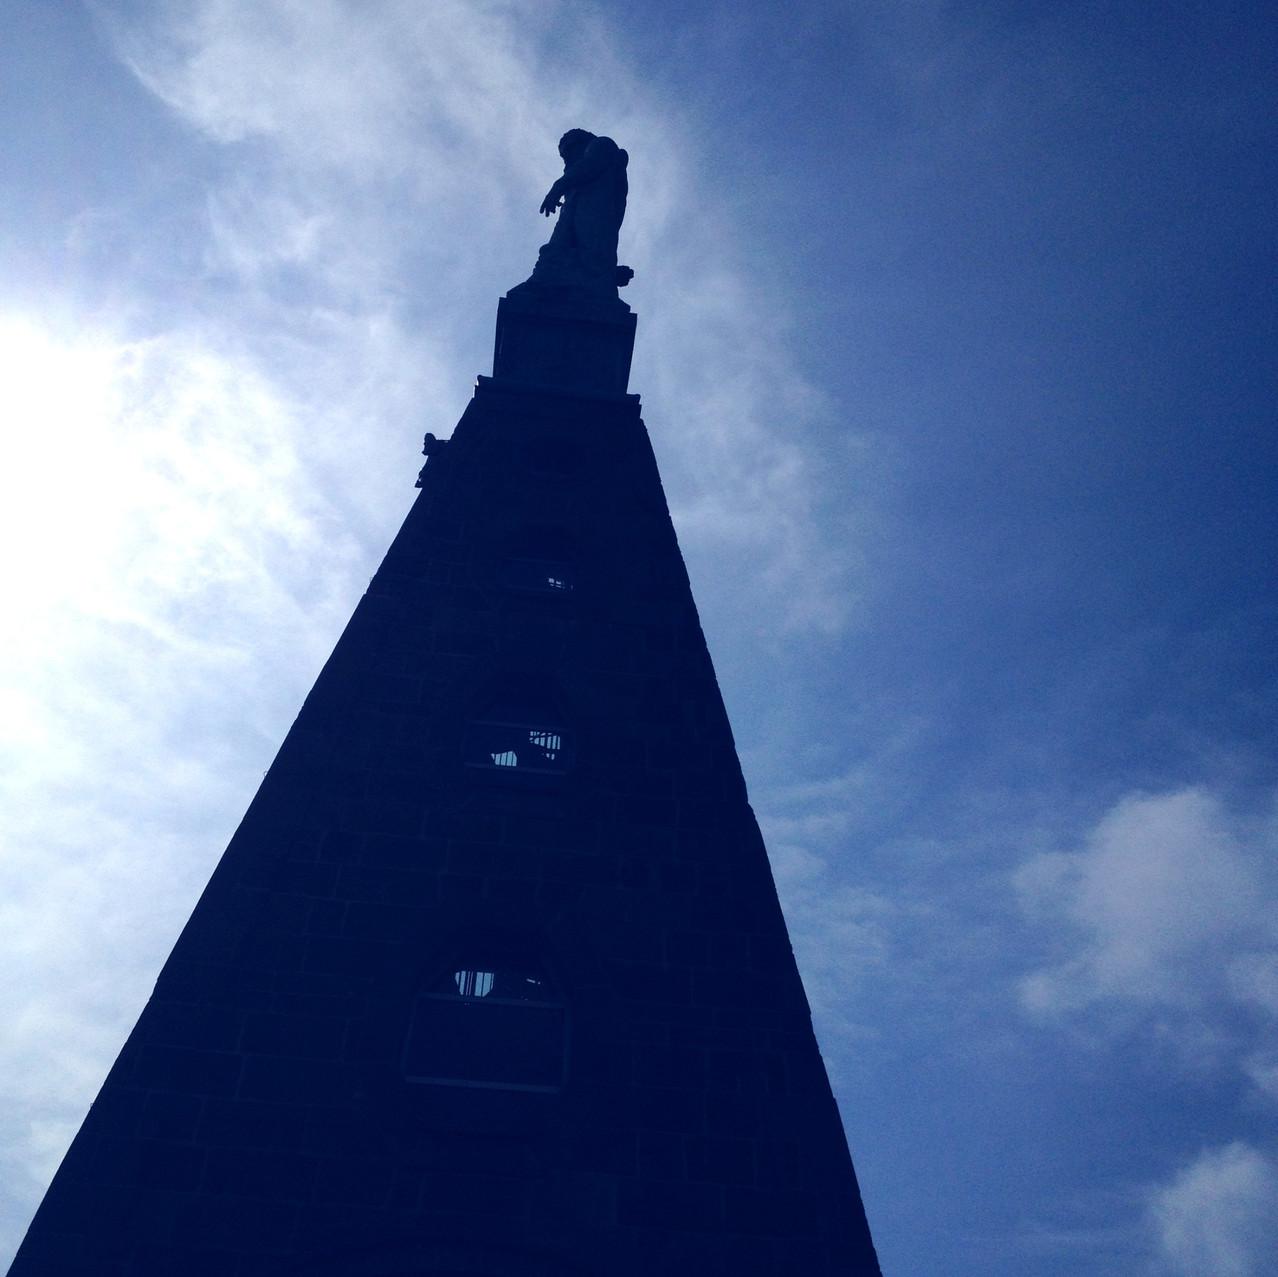 Der Herkules in Kassel - immer wieder schön